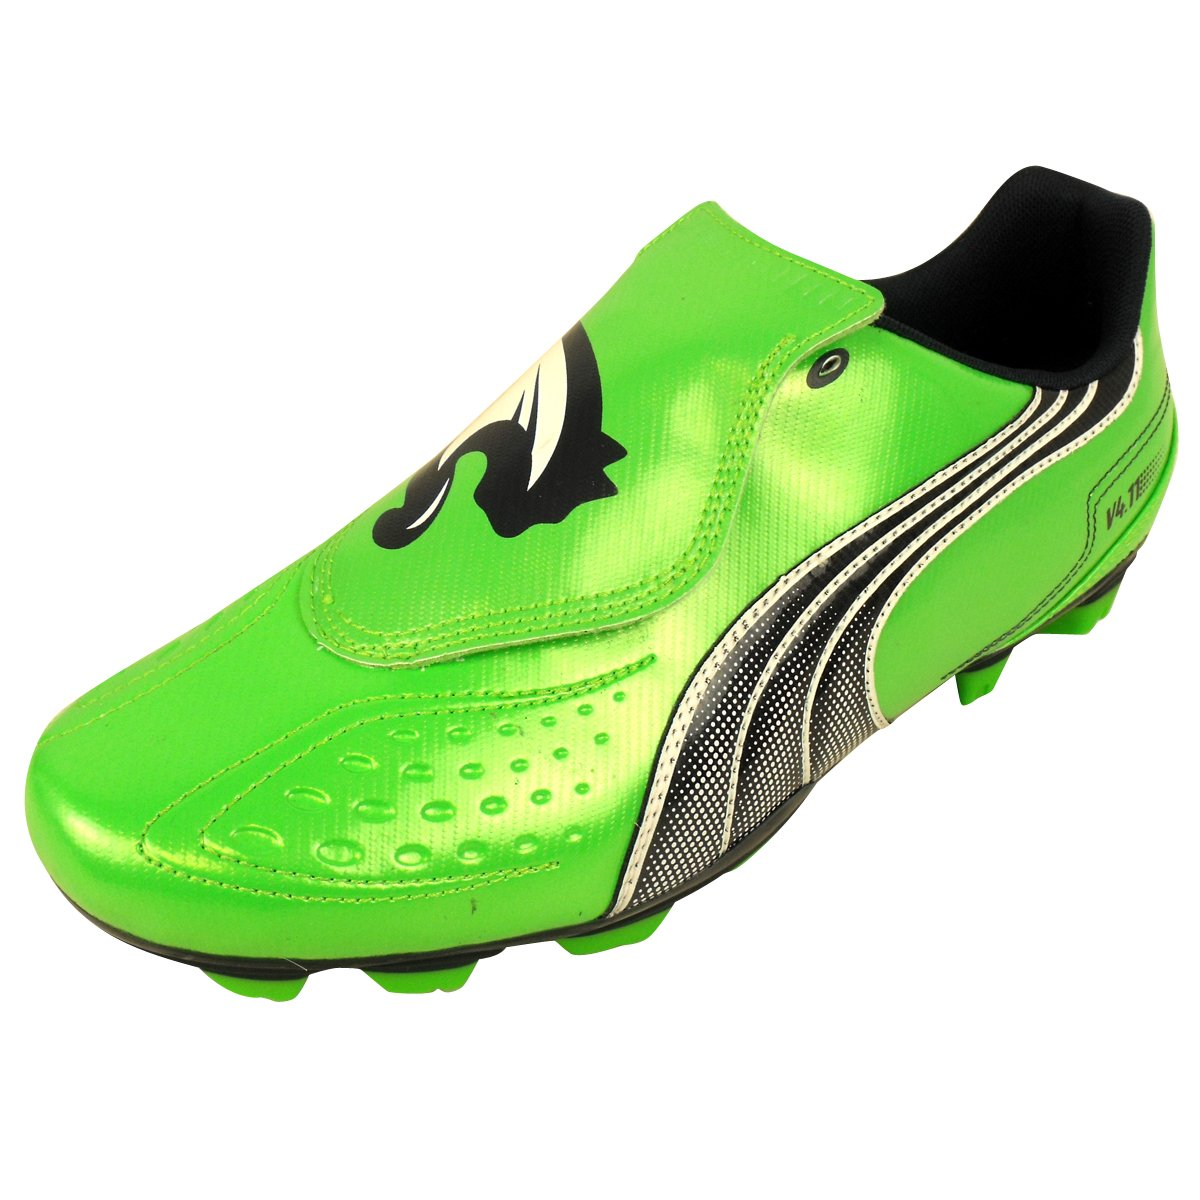 Puma Herren Schuhe Fussball V4.11 I FG